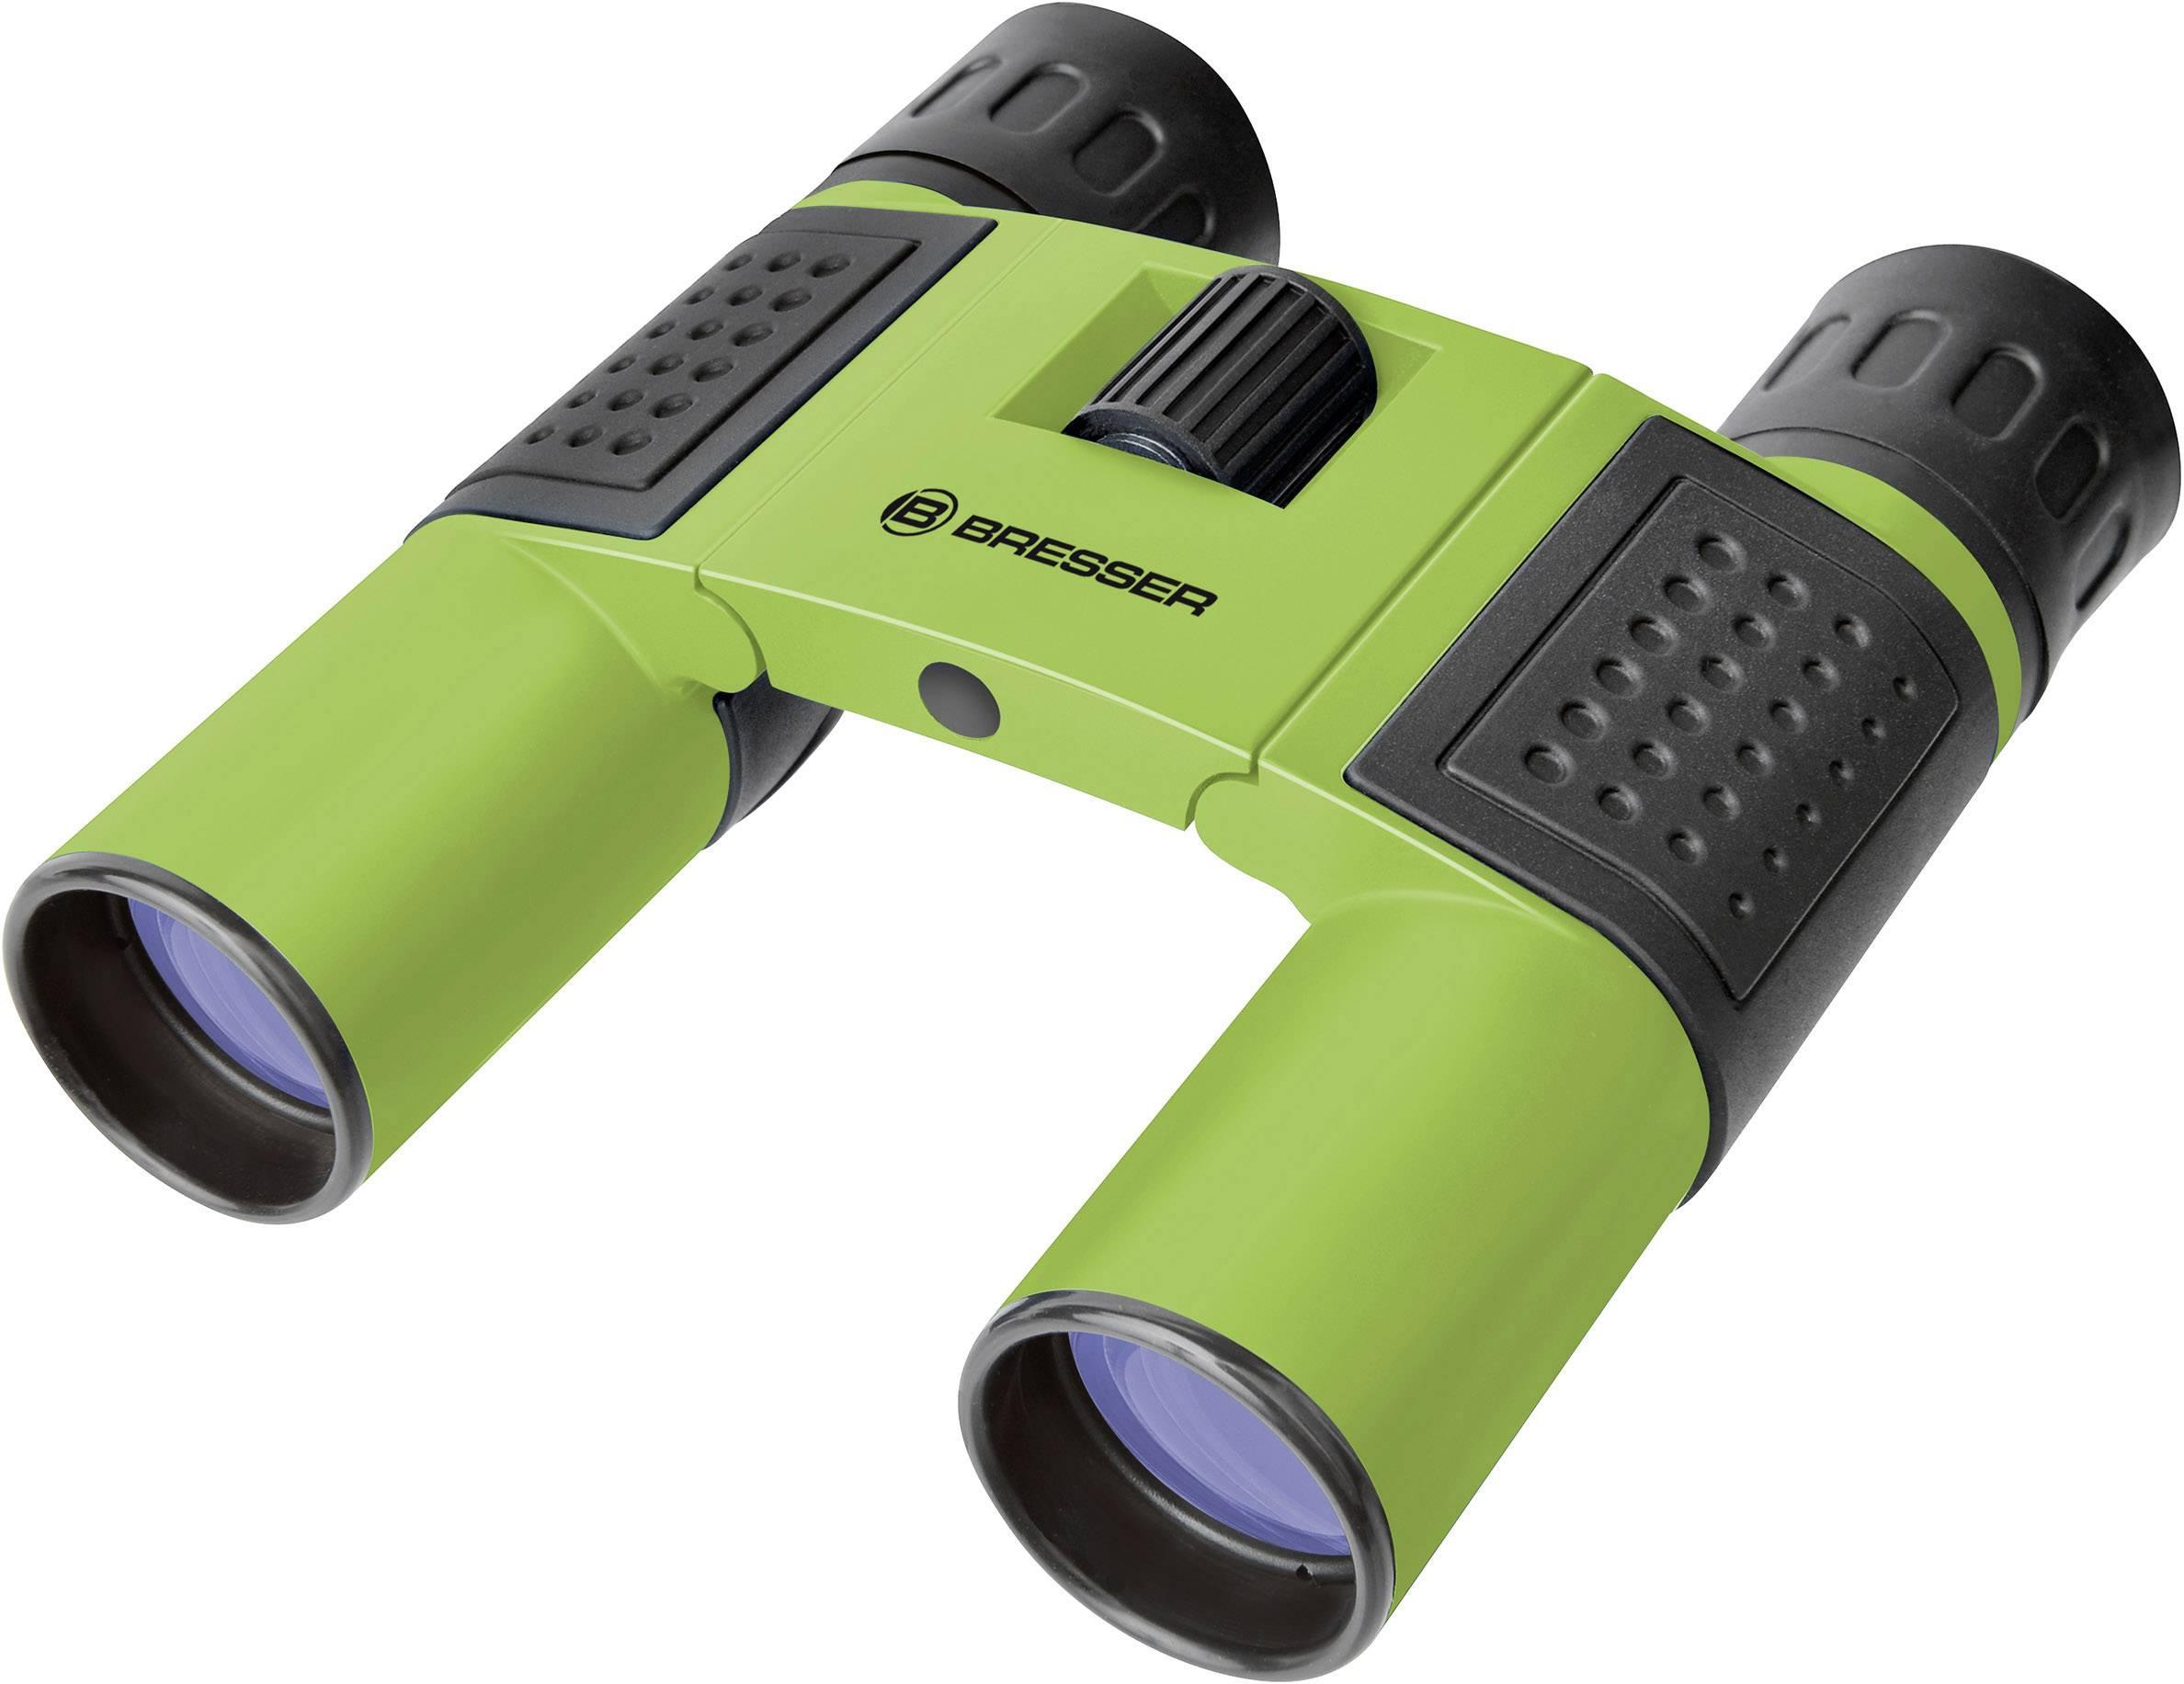 Entfernungsmesser Bresser : Fernglas bresser optik topas mm grün kaufen